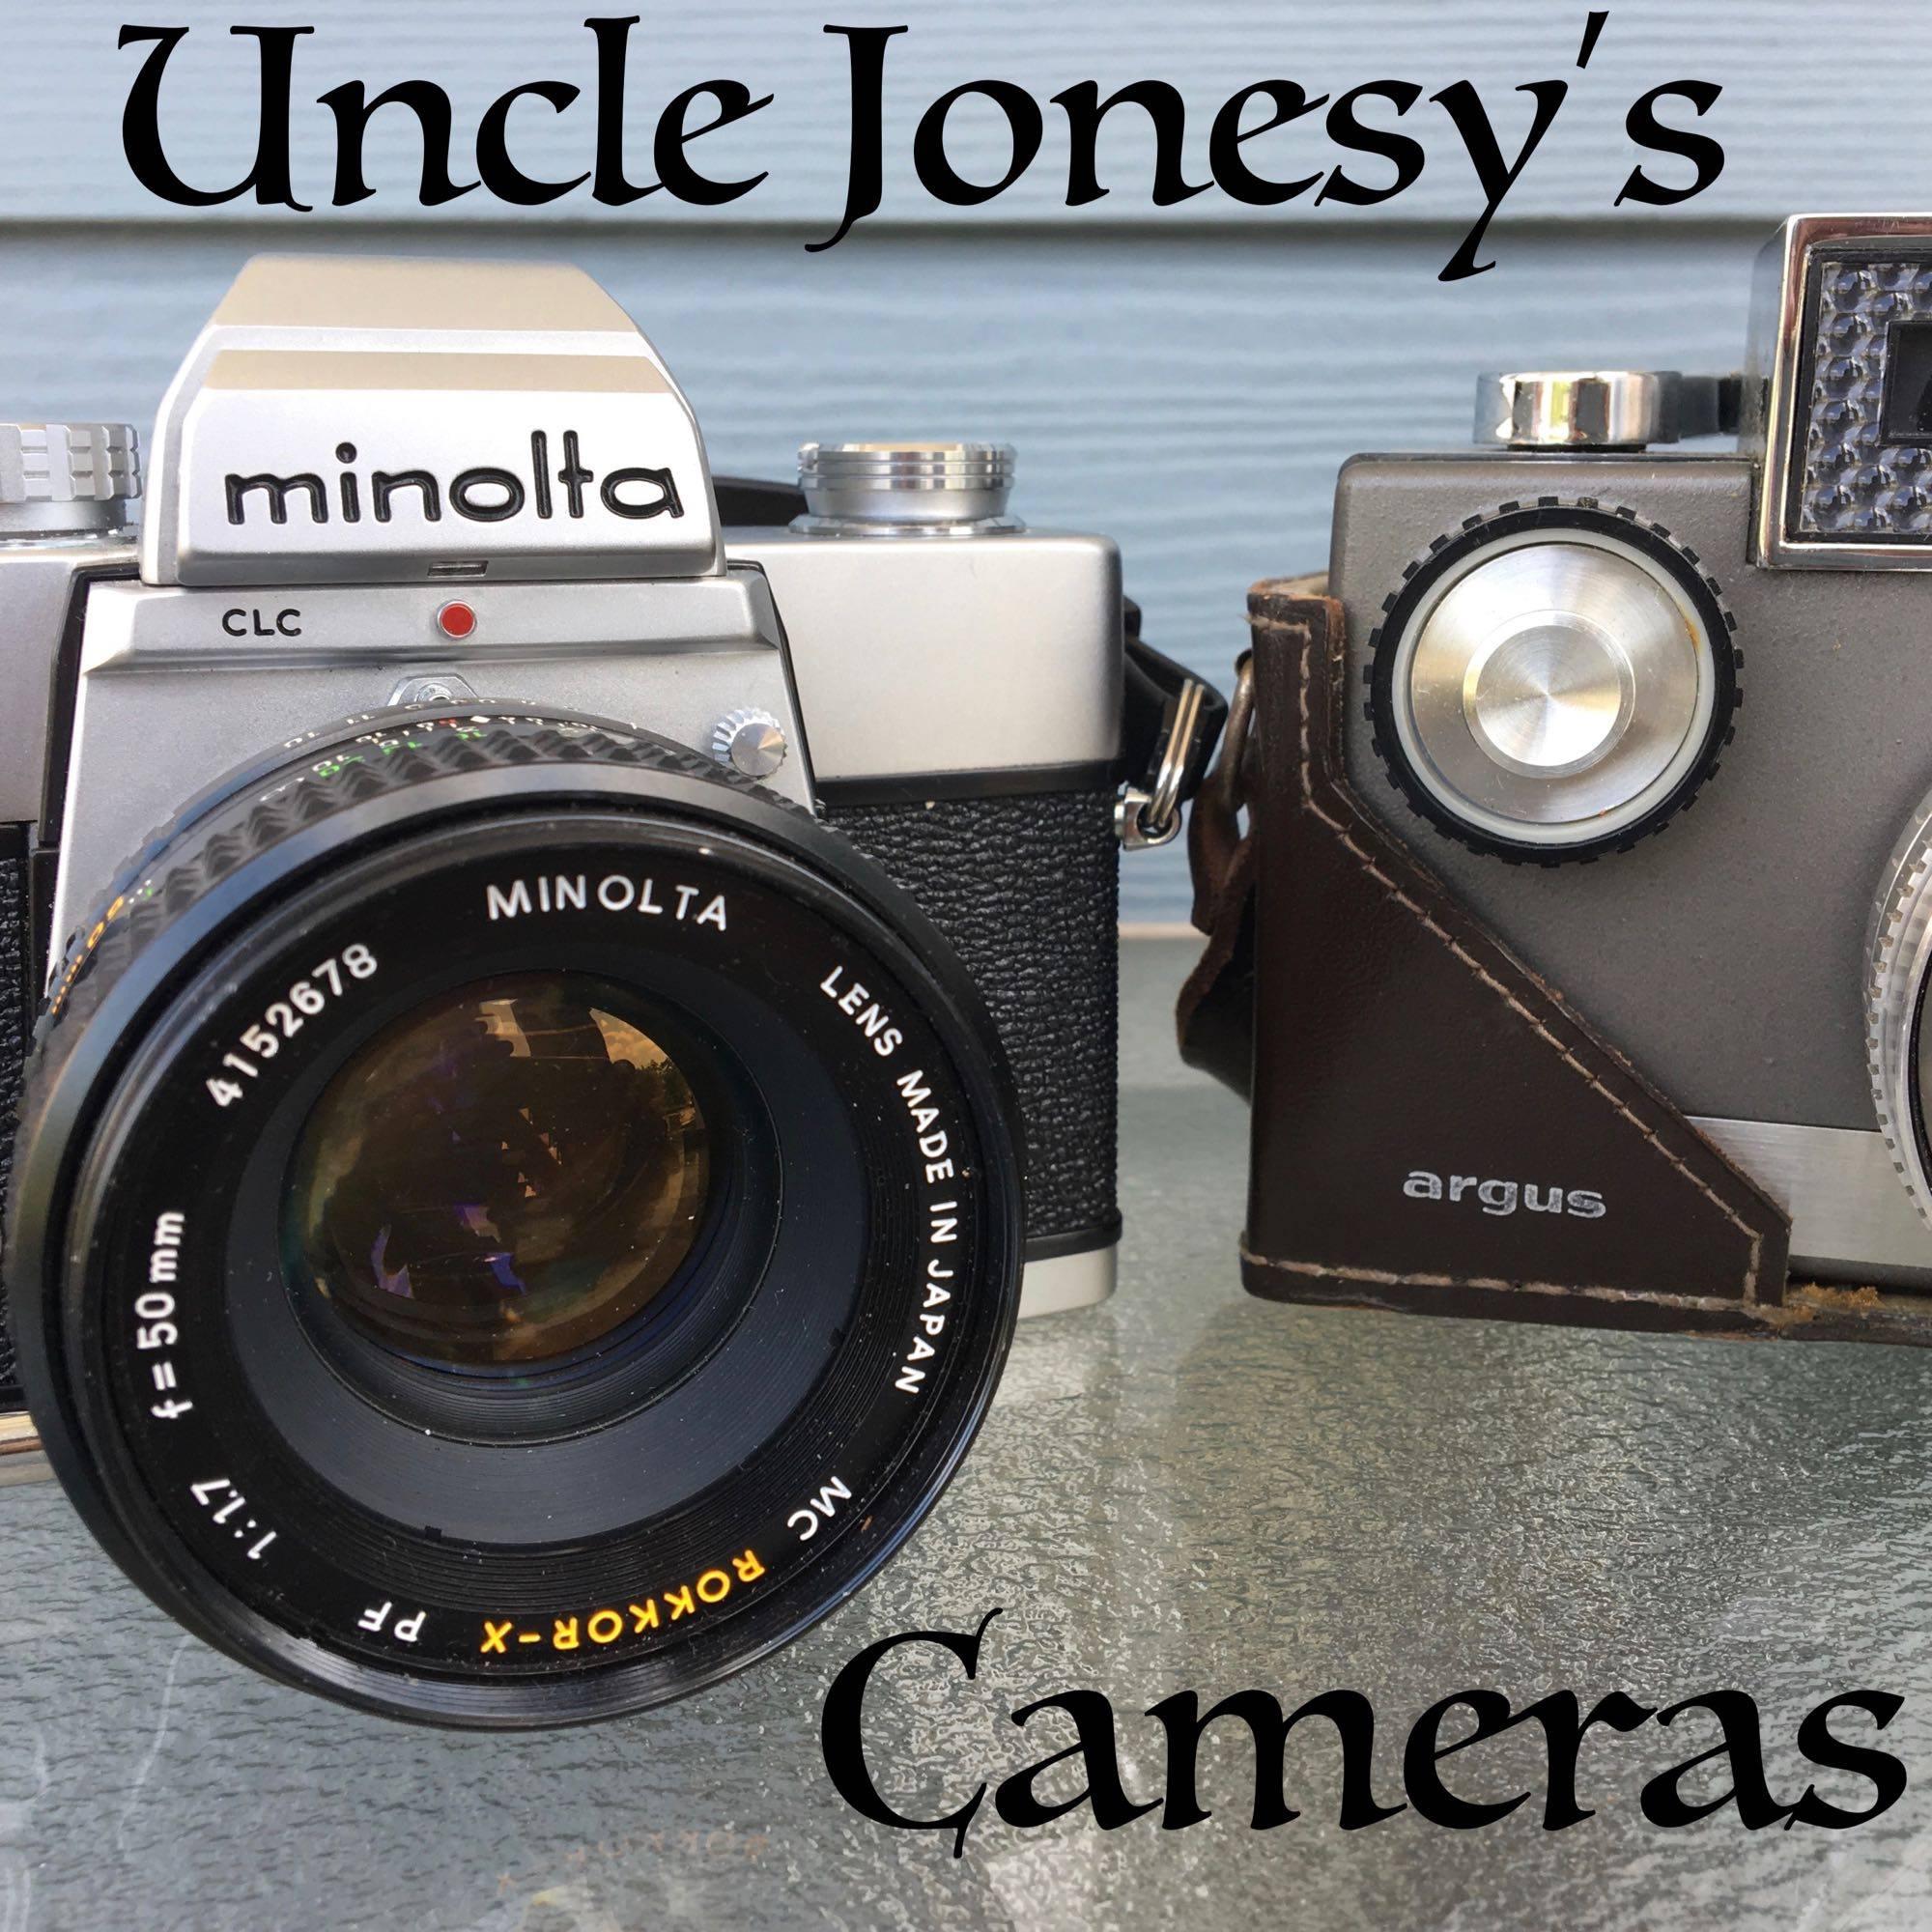 琼斯蒂叔叔的相机